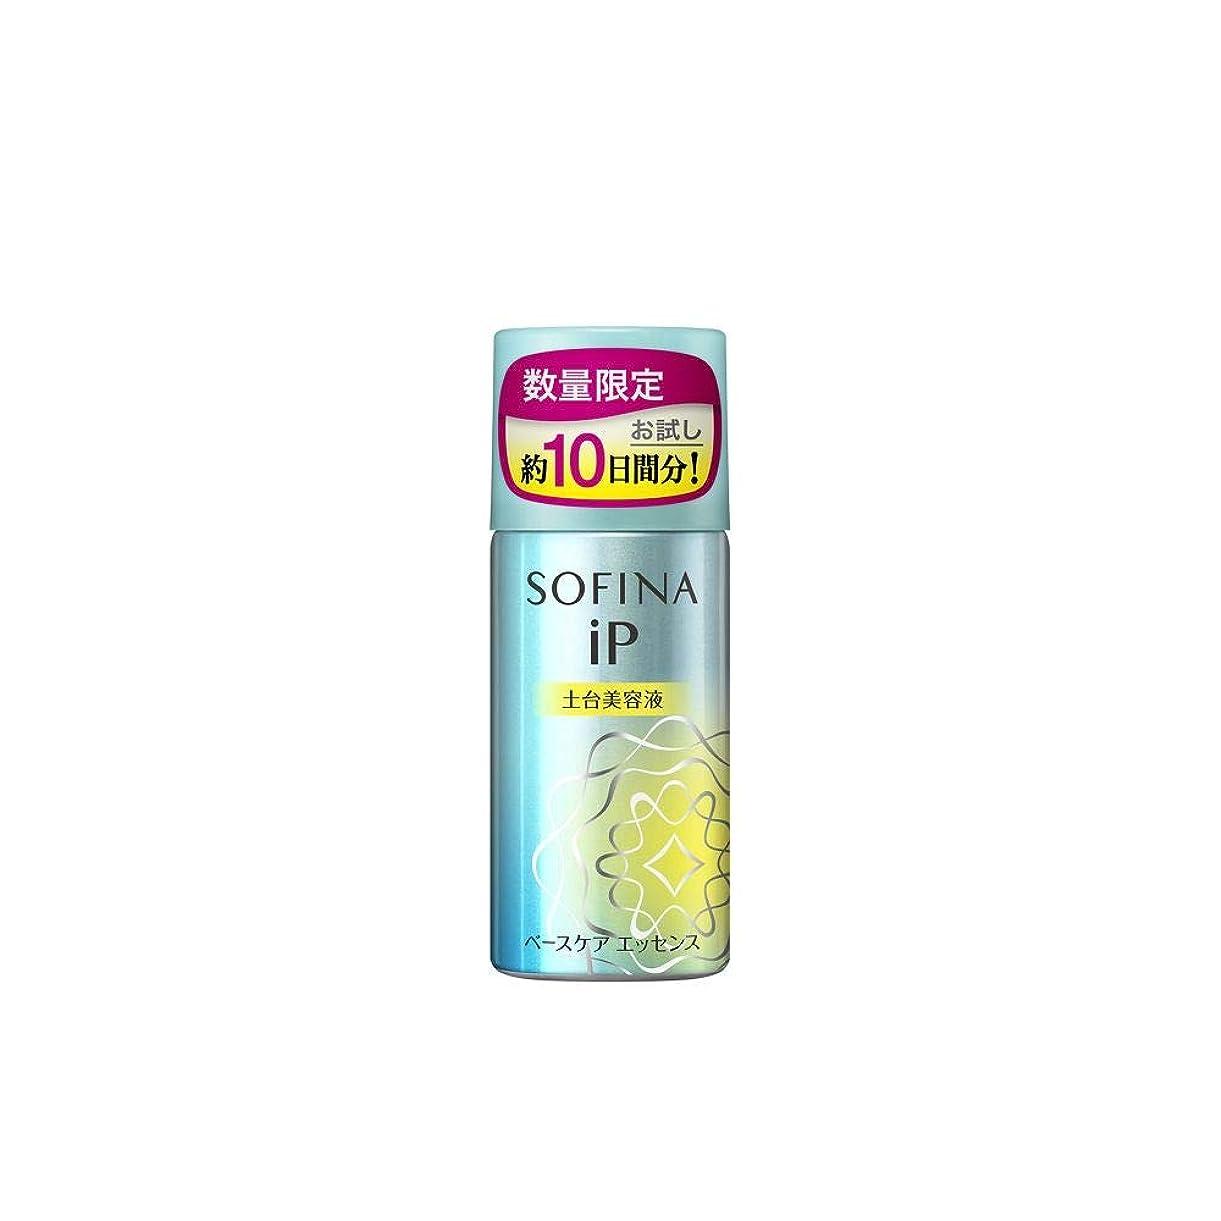 フルーティーレッスンコンセンサスソフィーナ iP(アイピー) ベースケア エッセンス 30g 土台美容液